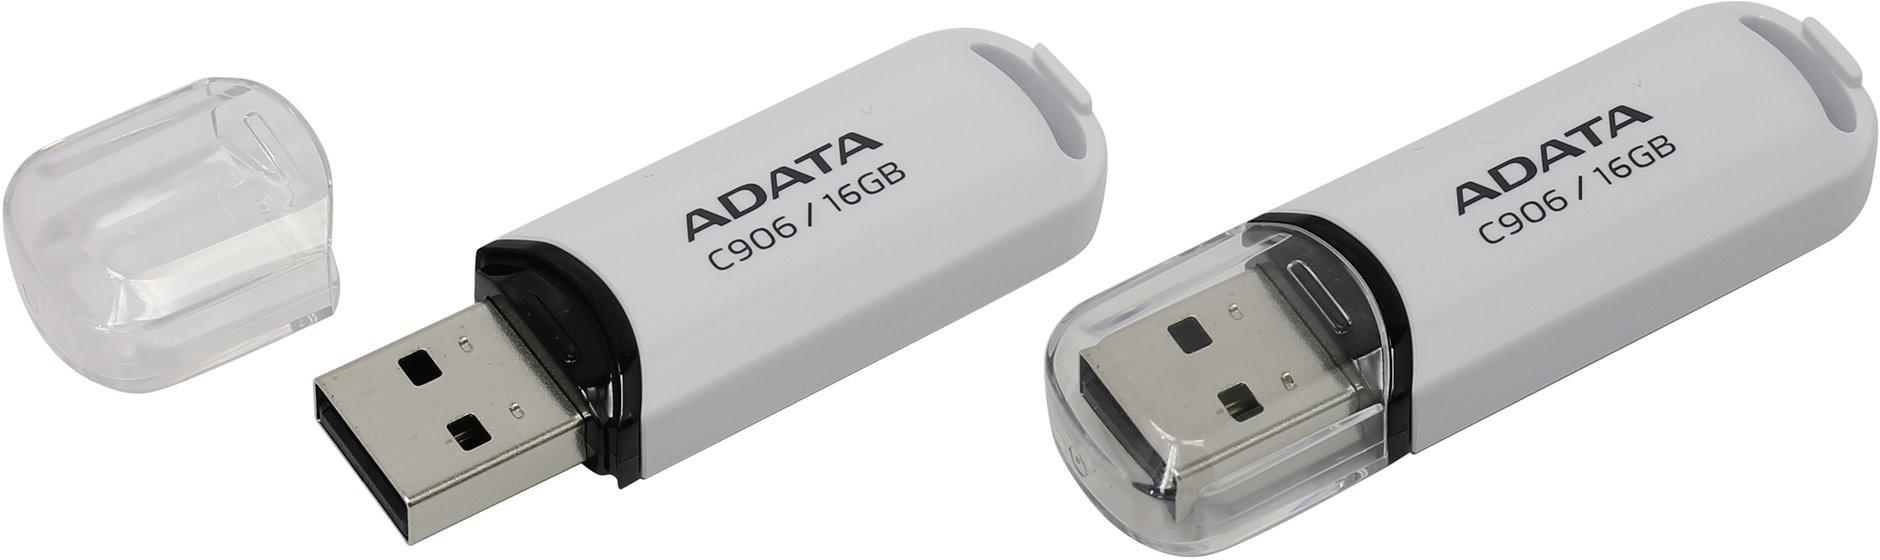 ADATA Flash Disk 16GB USB 2.0 Classic C906, bílý